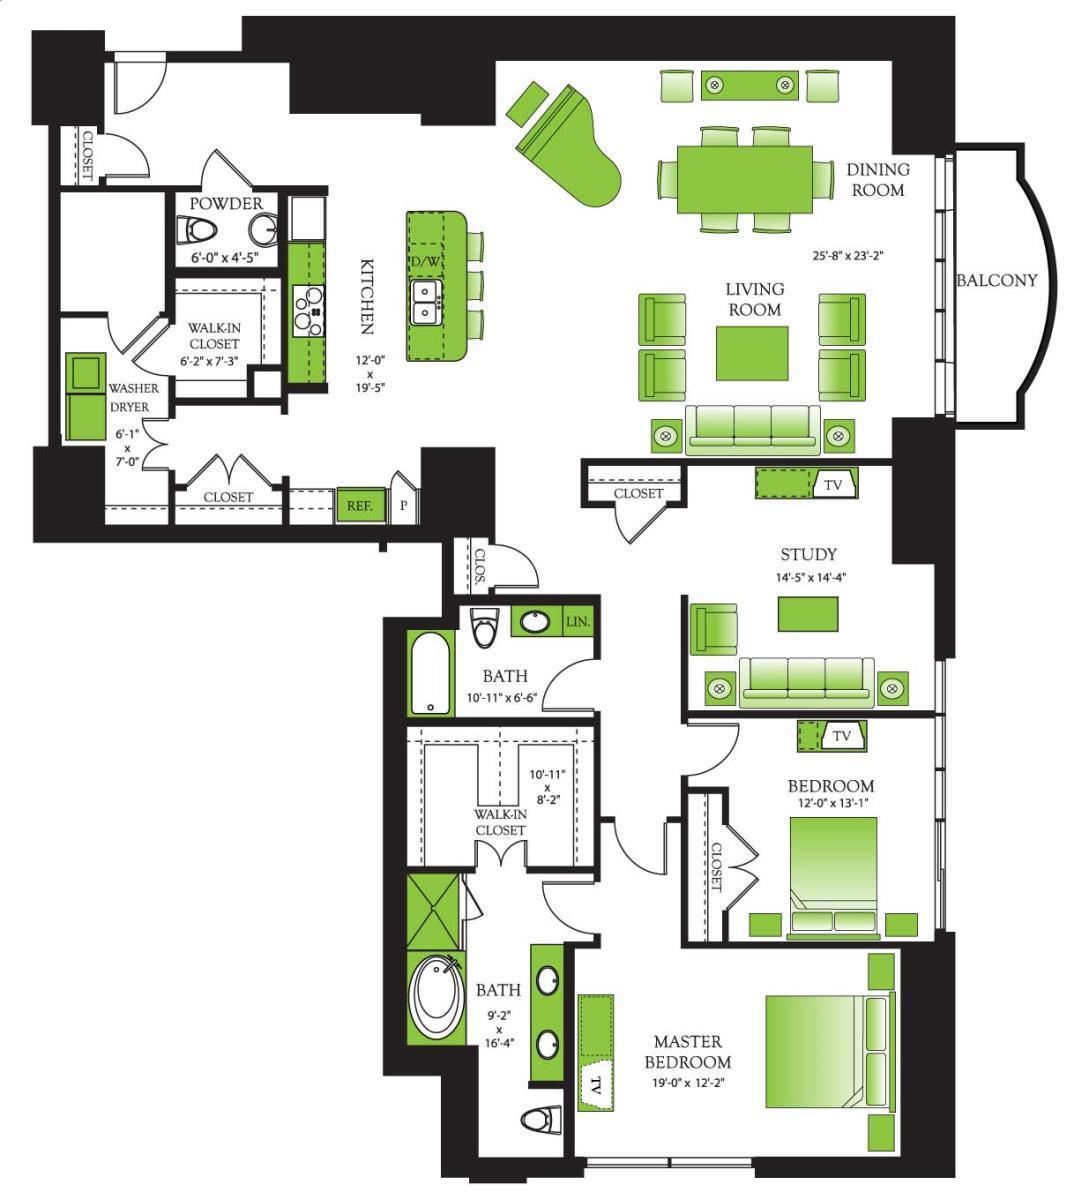 2,520 sq. ft. Douglas Fir floor plan